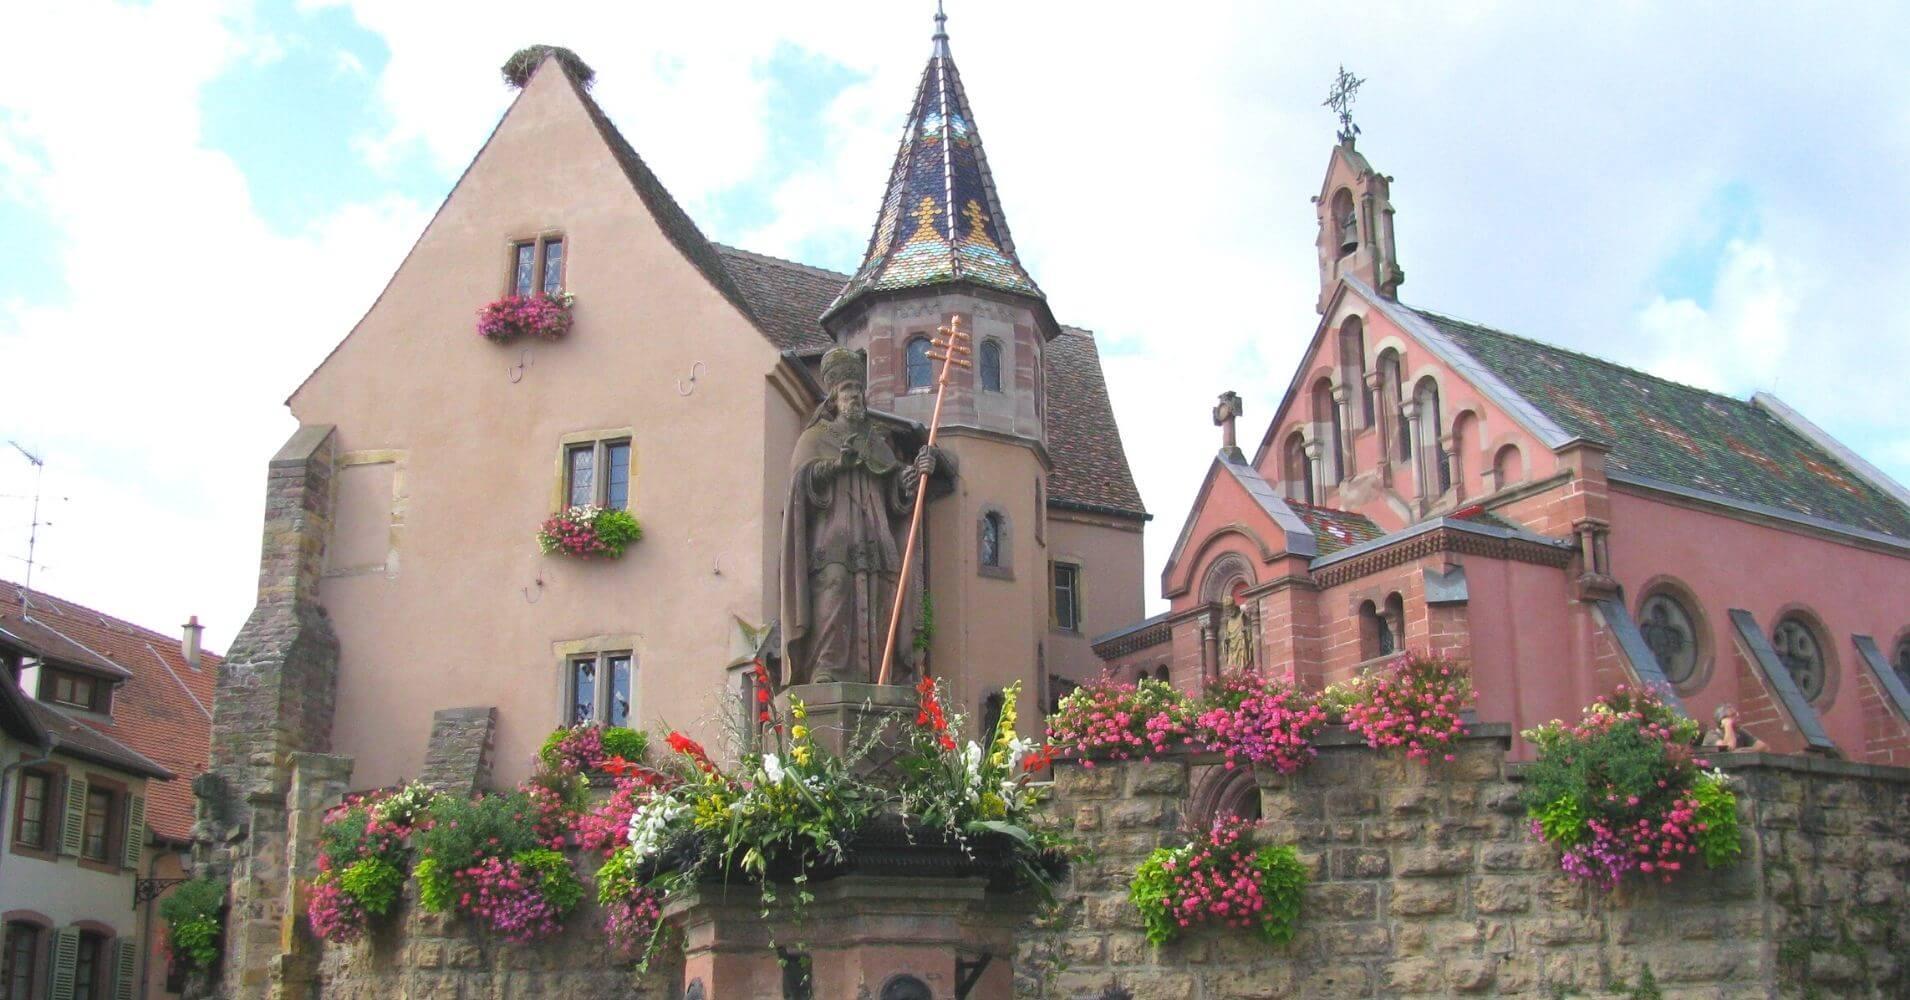 Eguisheim en Alsacia. Alto Rin. Gran Este. Francia.